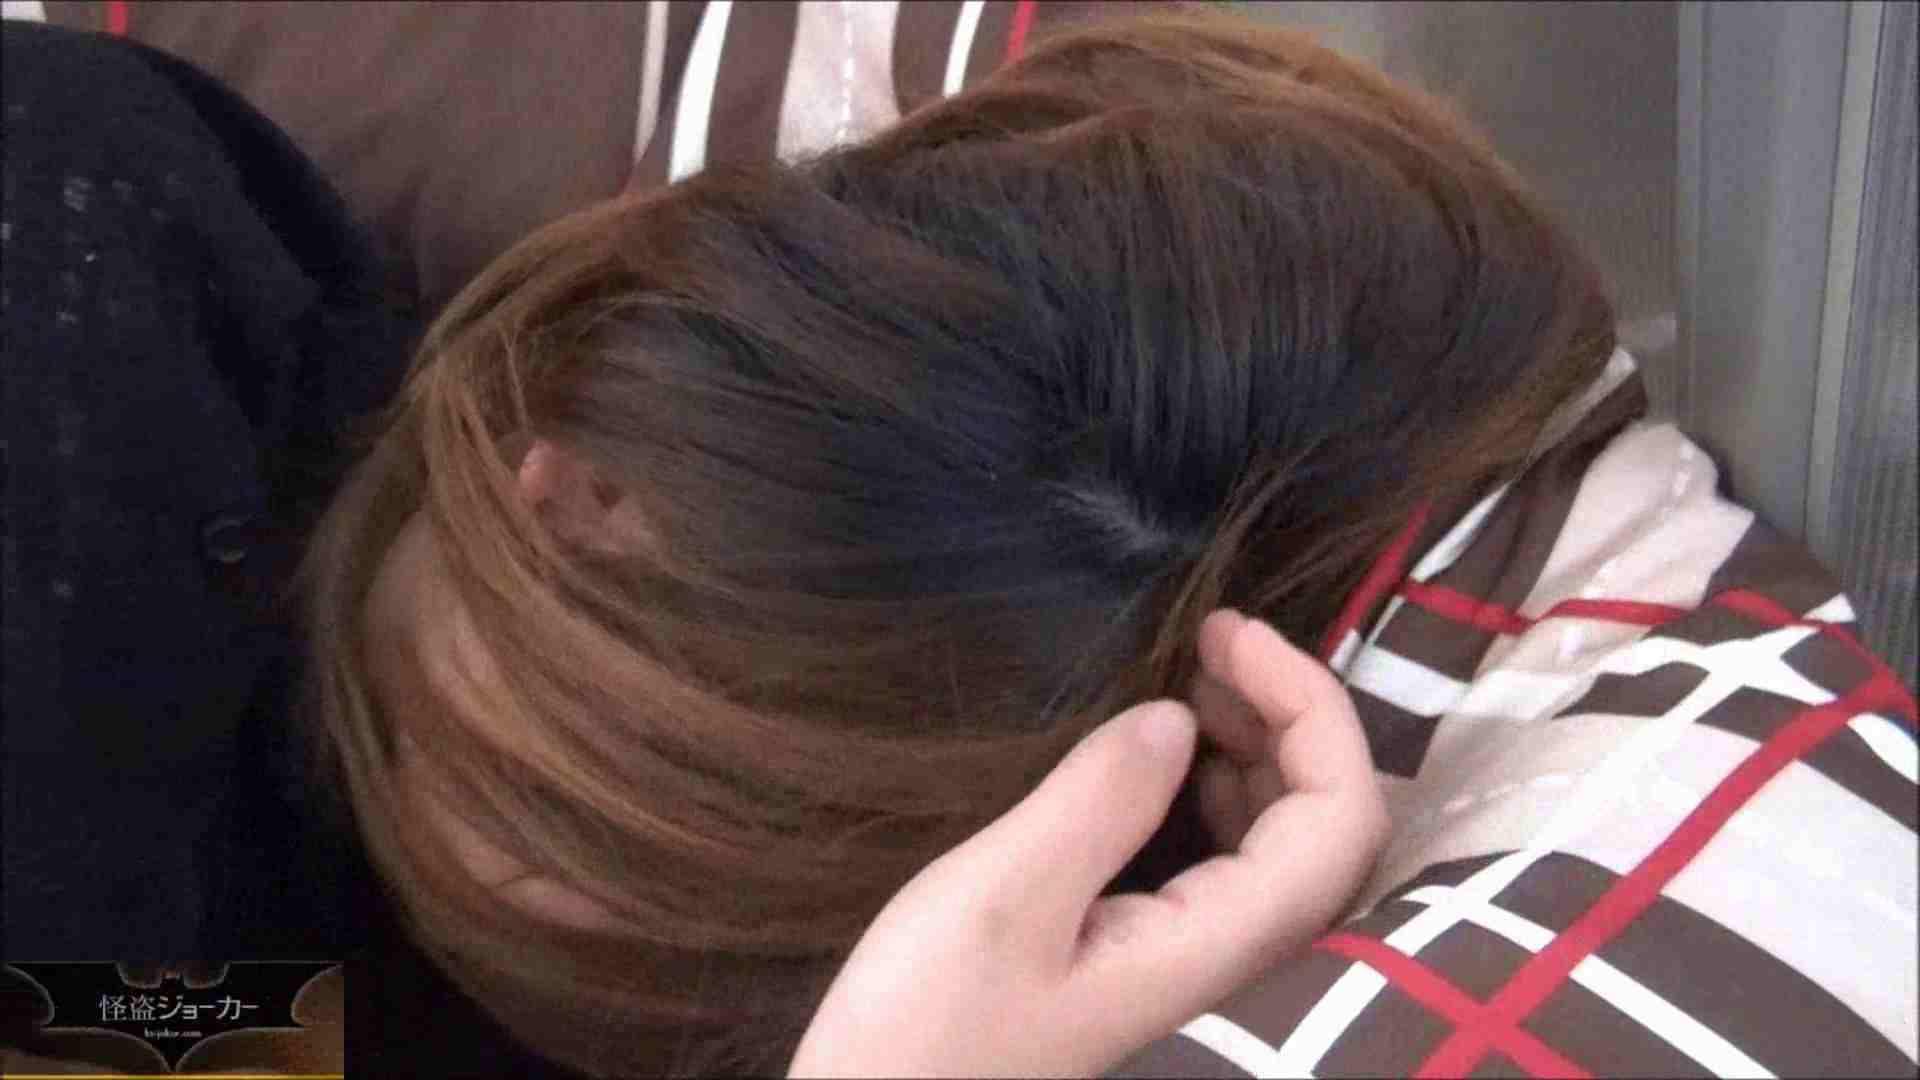 【未公開】vol.63 友喰い…Mちゃん&Yちゃん、dei●した朝方に。 巨乳 性交動画流出 110画像 66